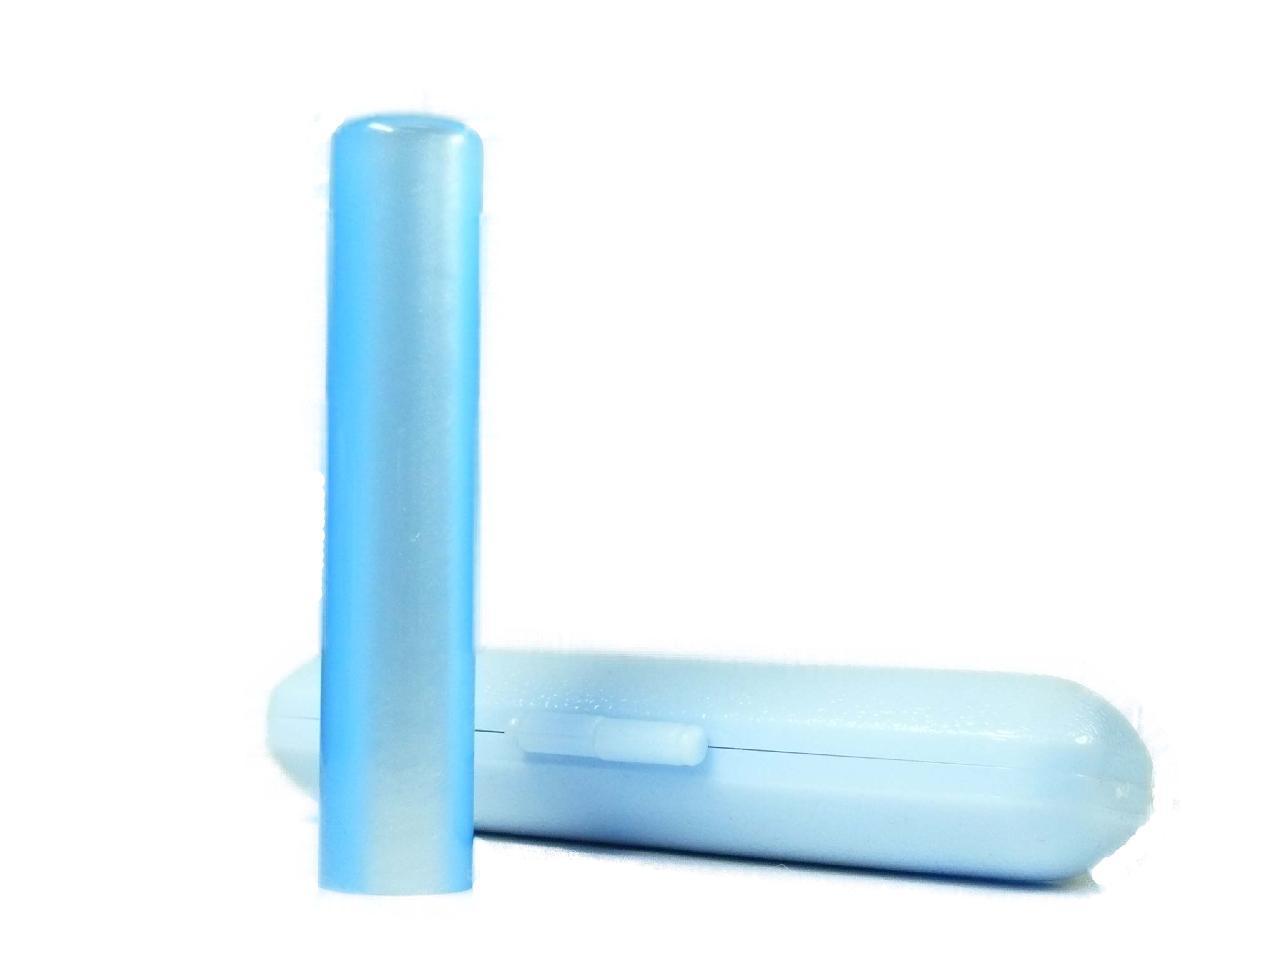 個人用 アクリルパール認印(ブルー)10.5×60mm専用ケース付